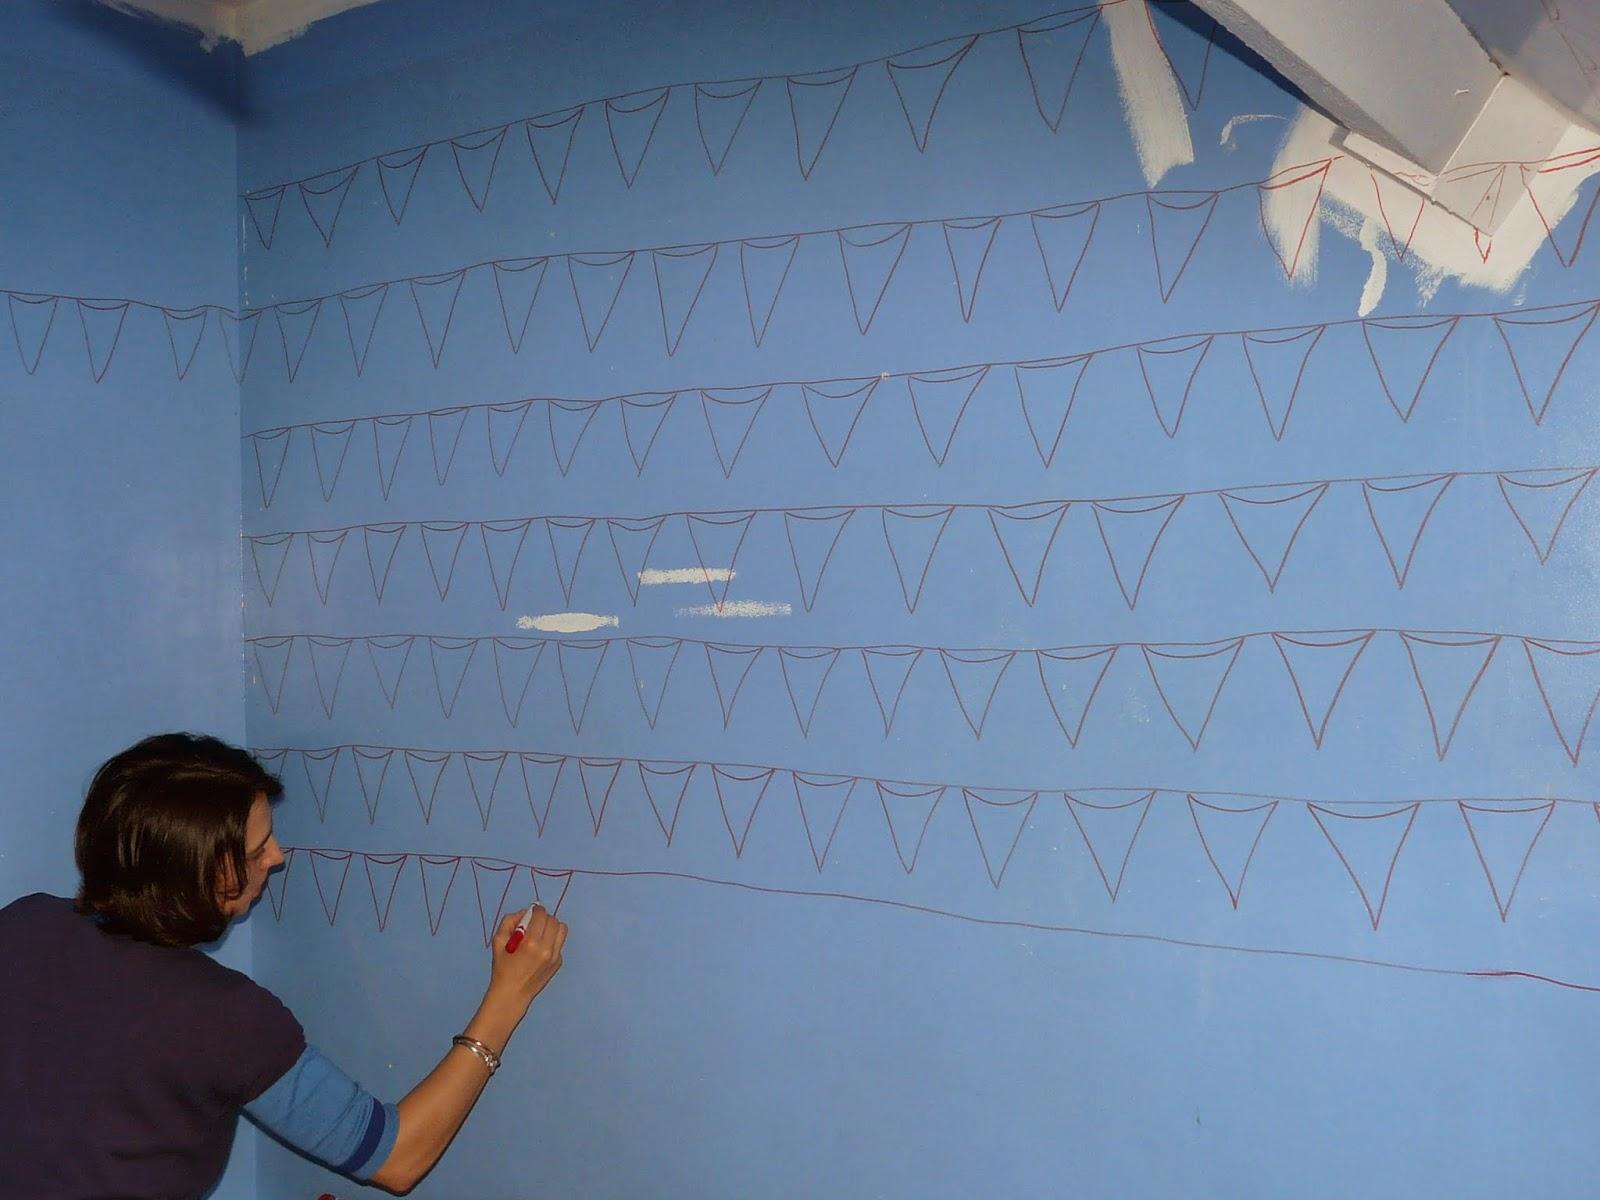 tante cath le blog faire son papier peint ou peindre son papier. Black Bedroom Furniture Sets. Home Design Ideas